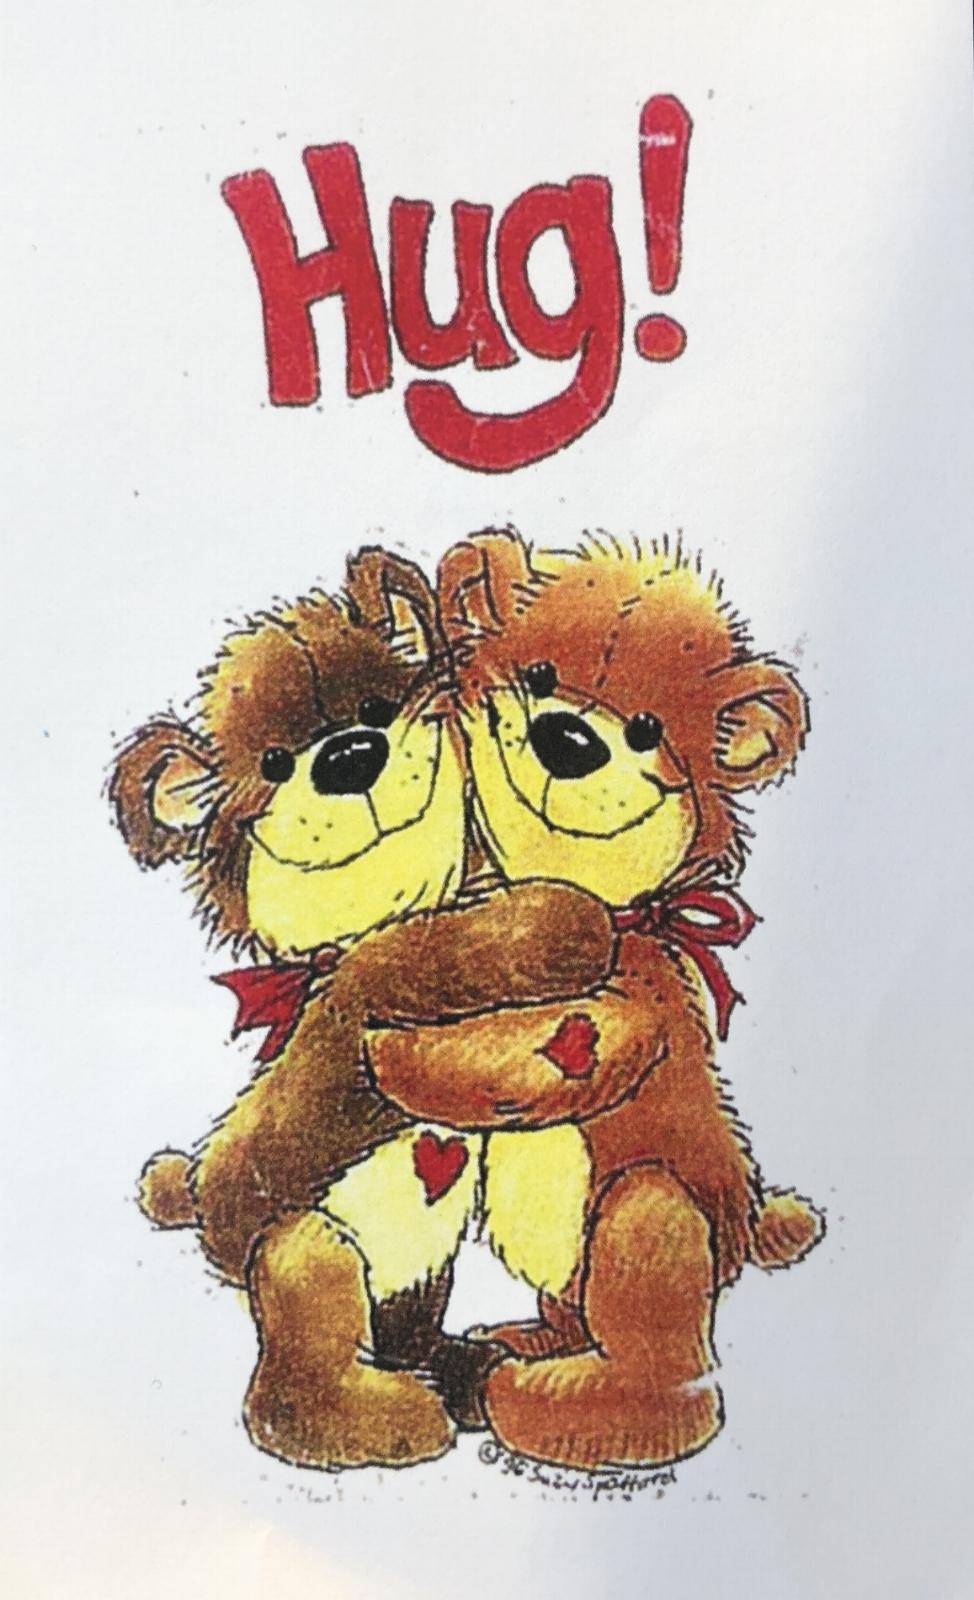 So, - do you want a hug?